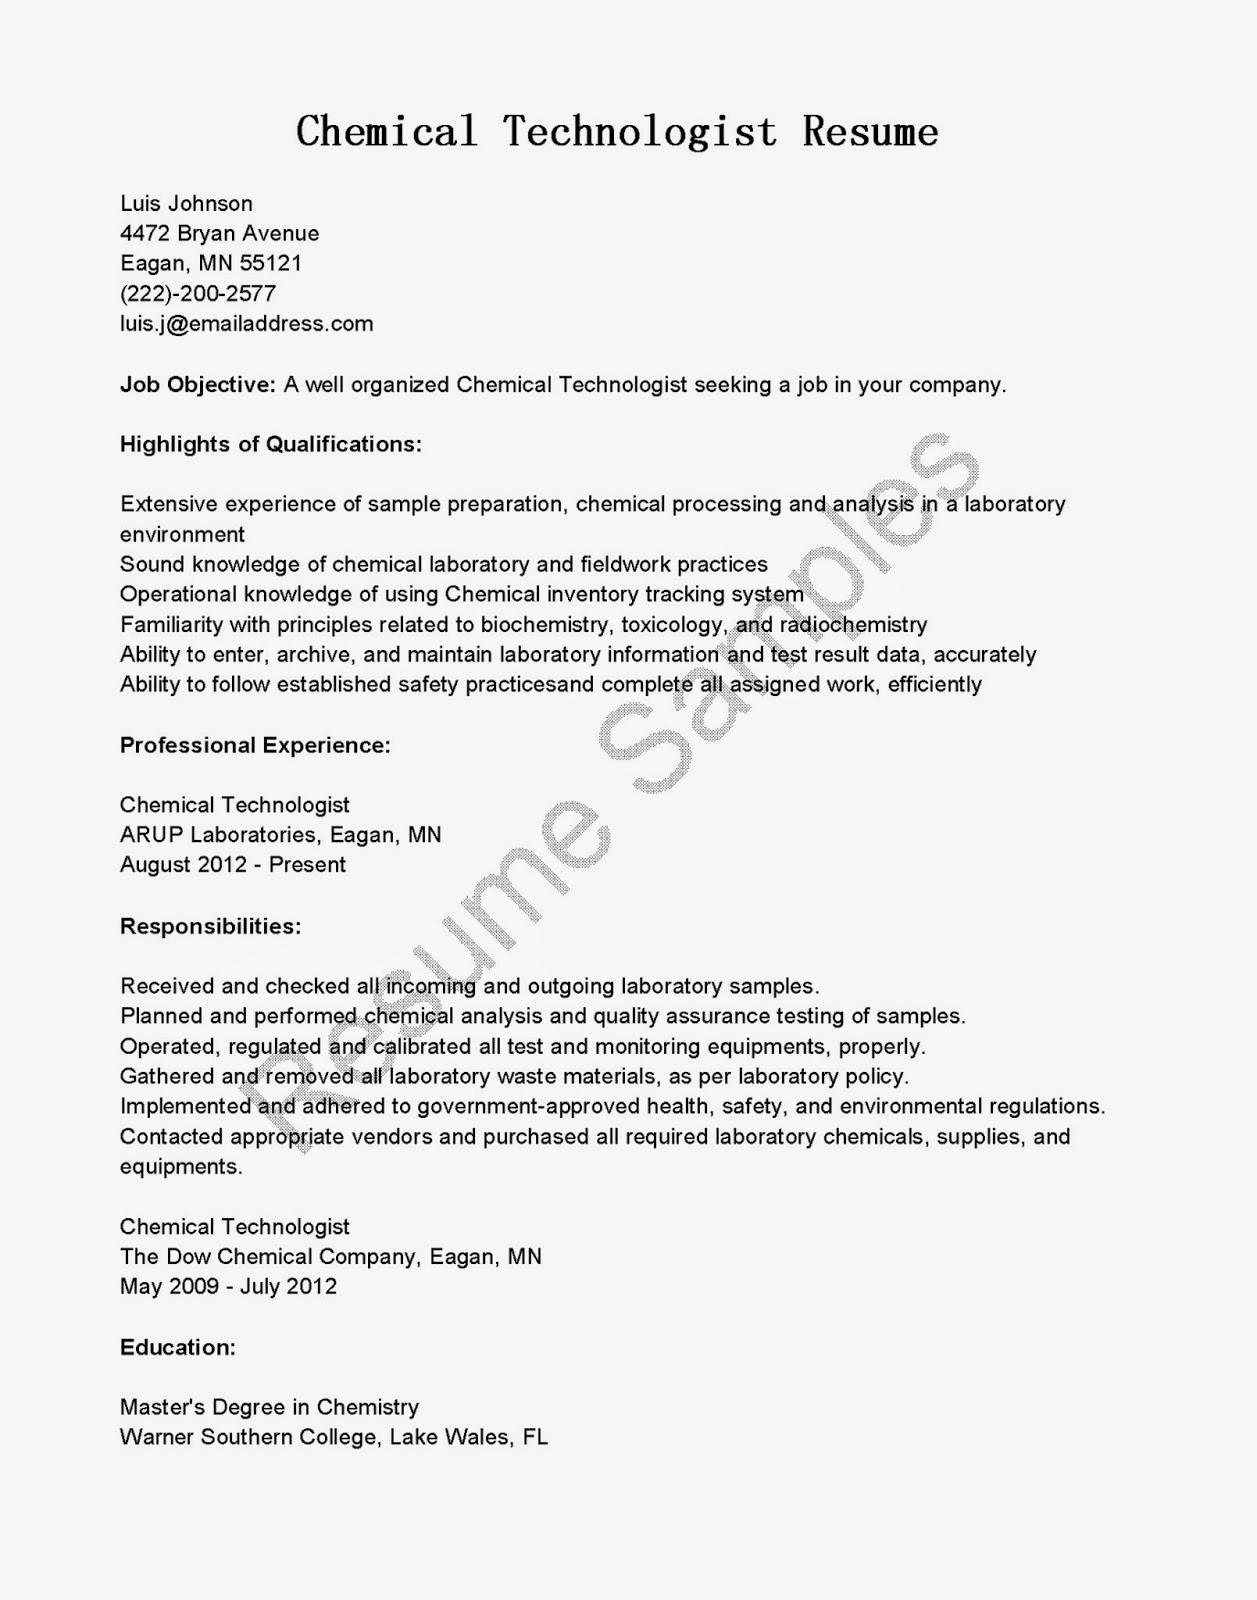 resume samples  chemical technologist resume sample